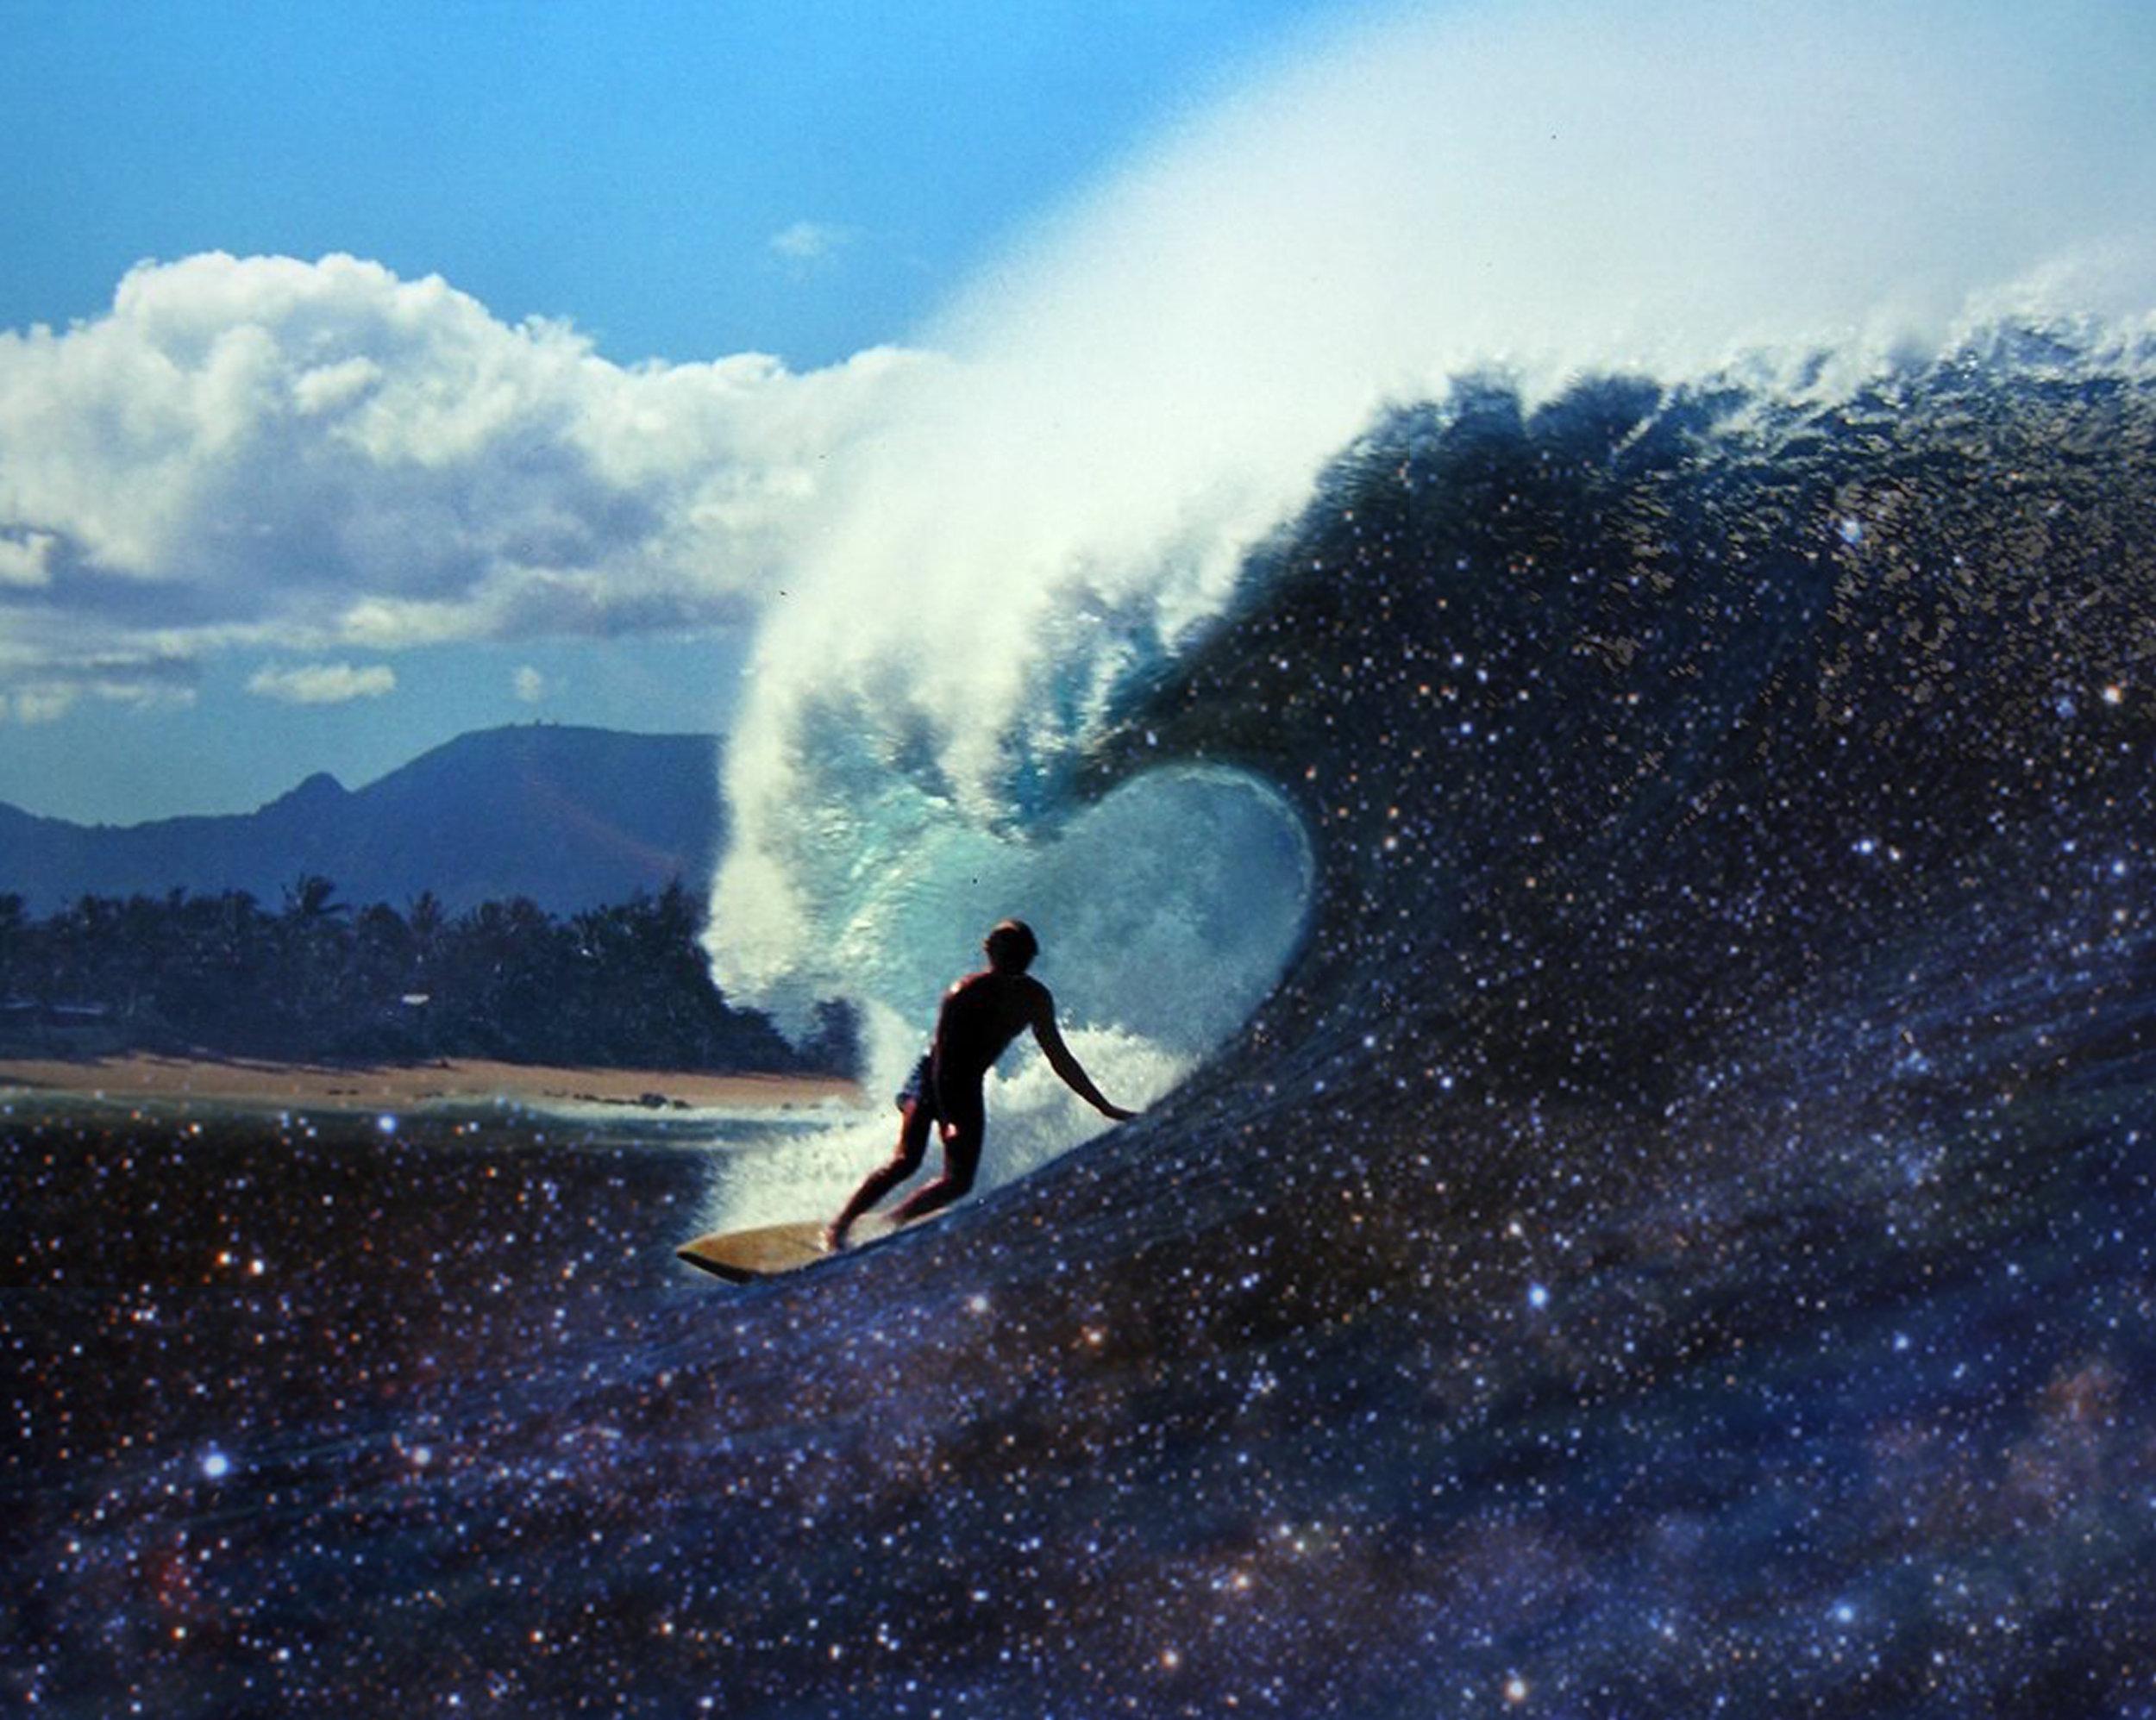 Surfing Stars 1.jpg